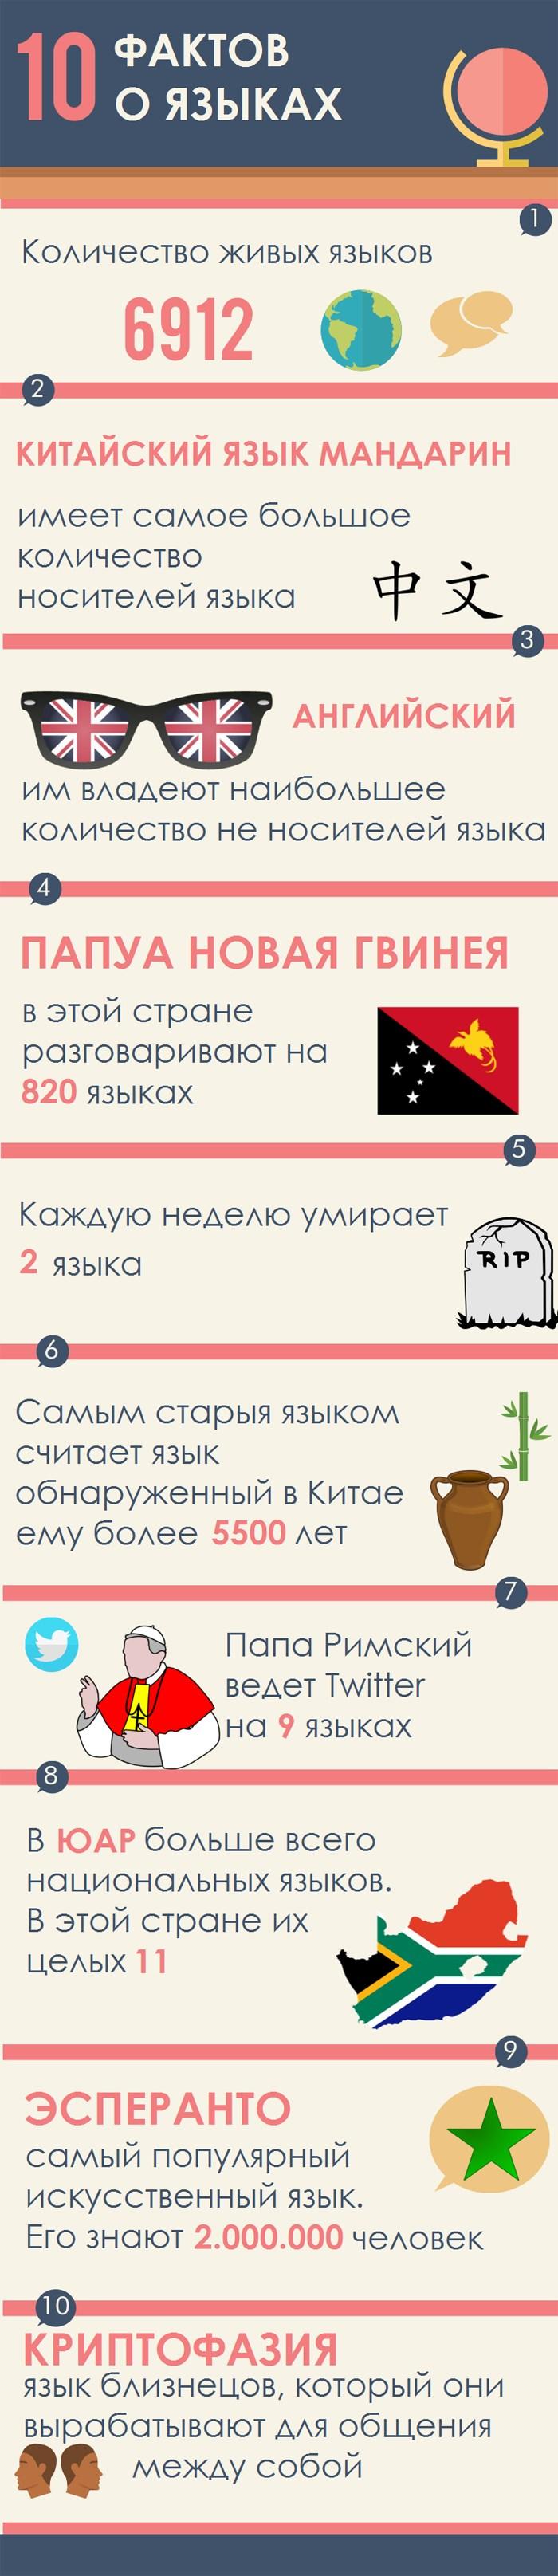 10 интересных фактов о языках (2)